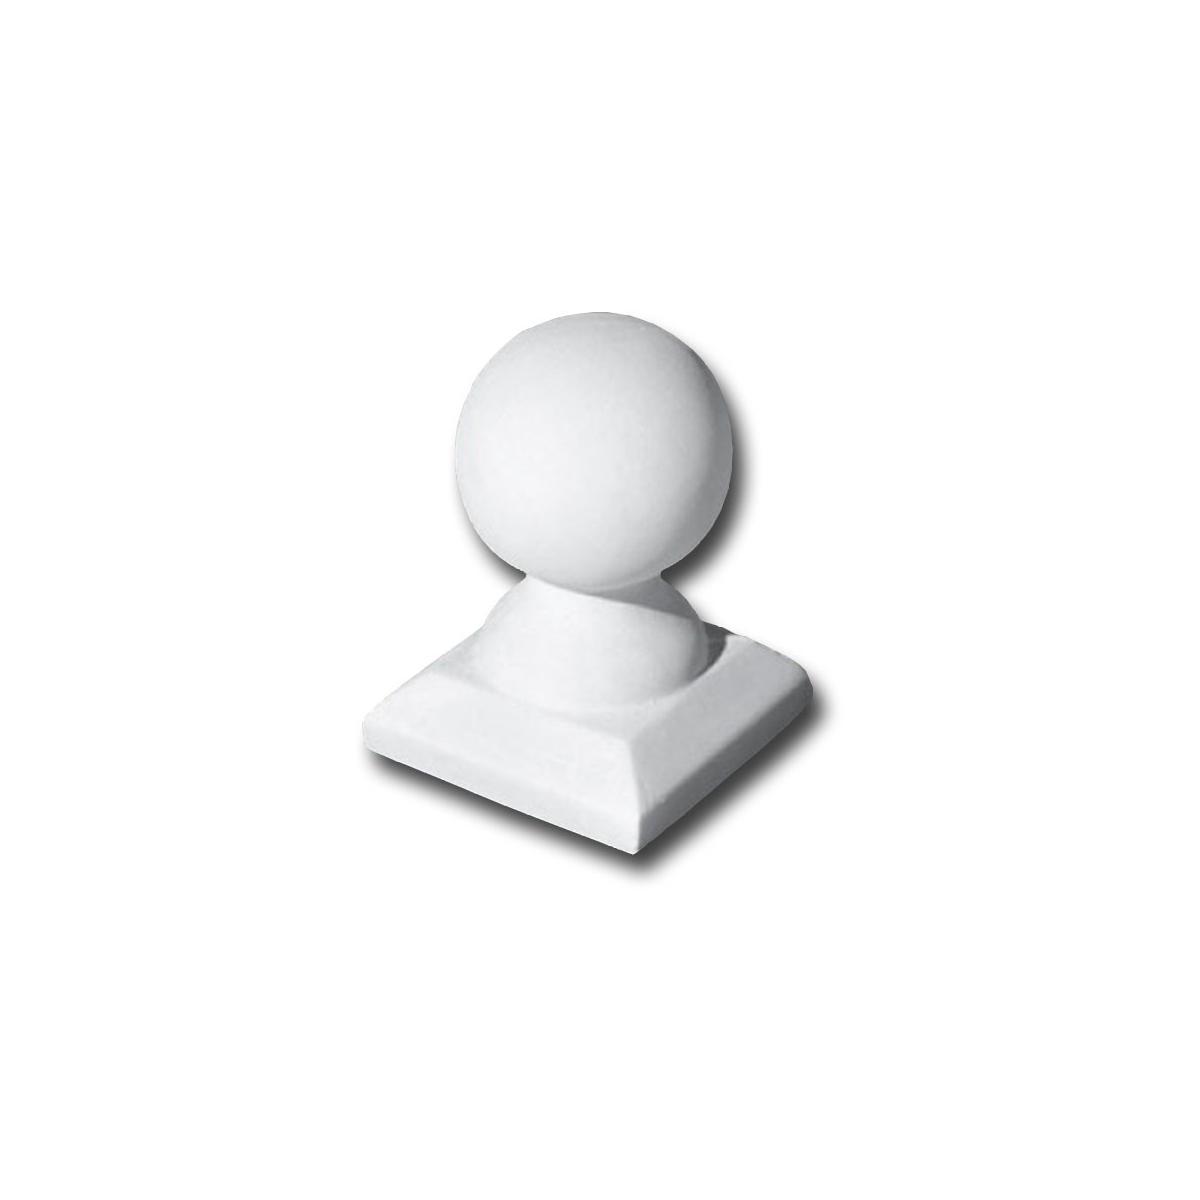 Terminación en Bola - Balaustradas - Marca Prefabricados López